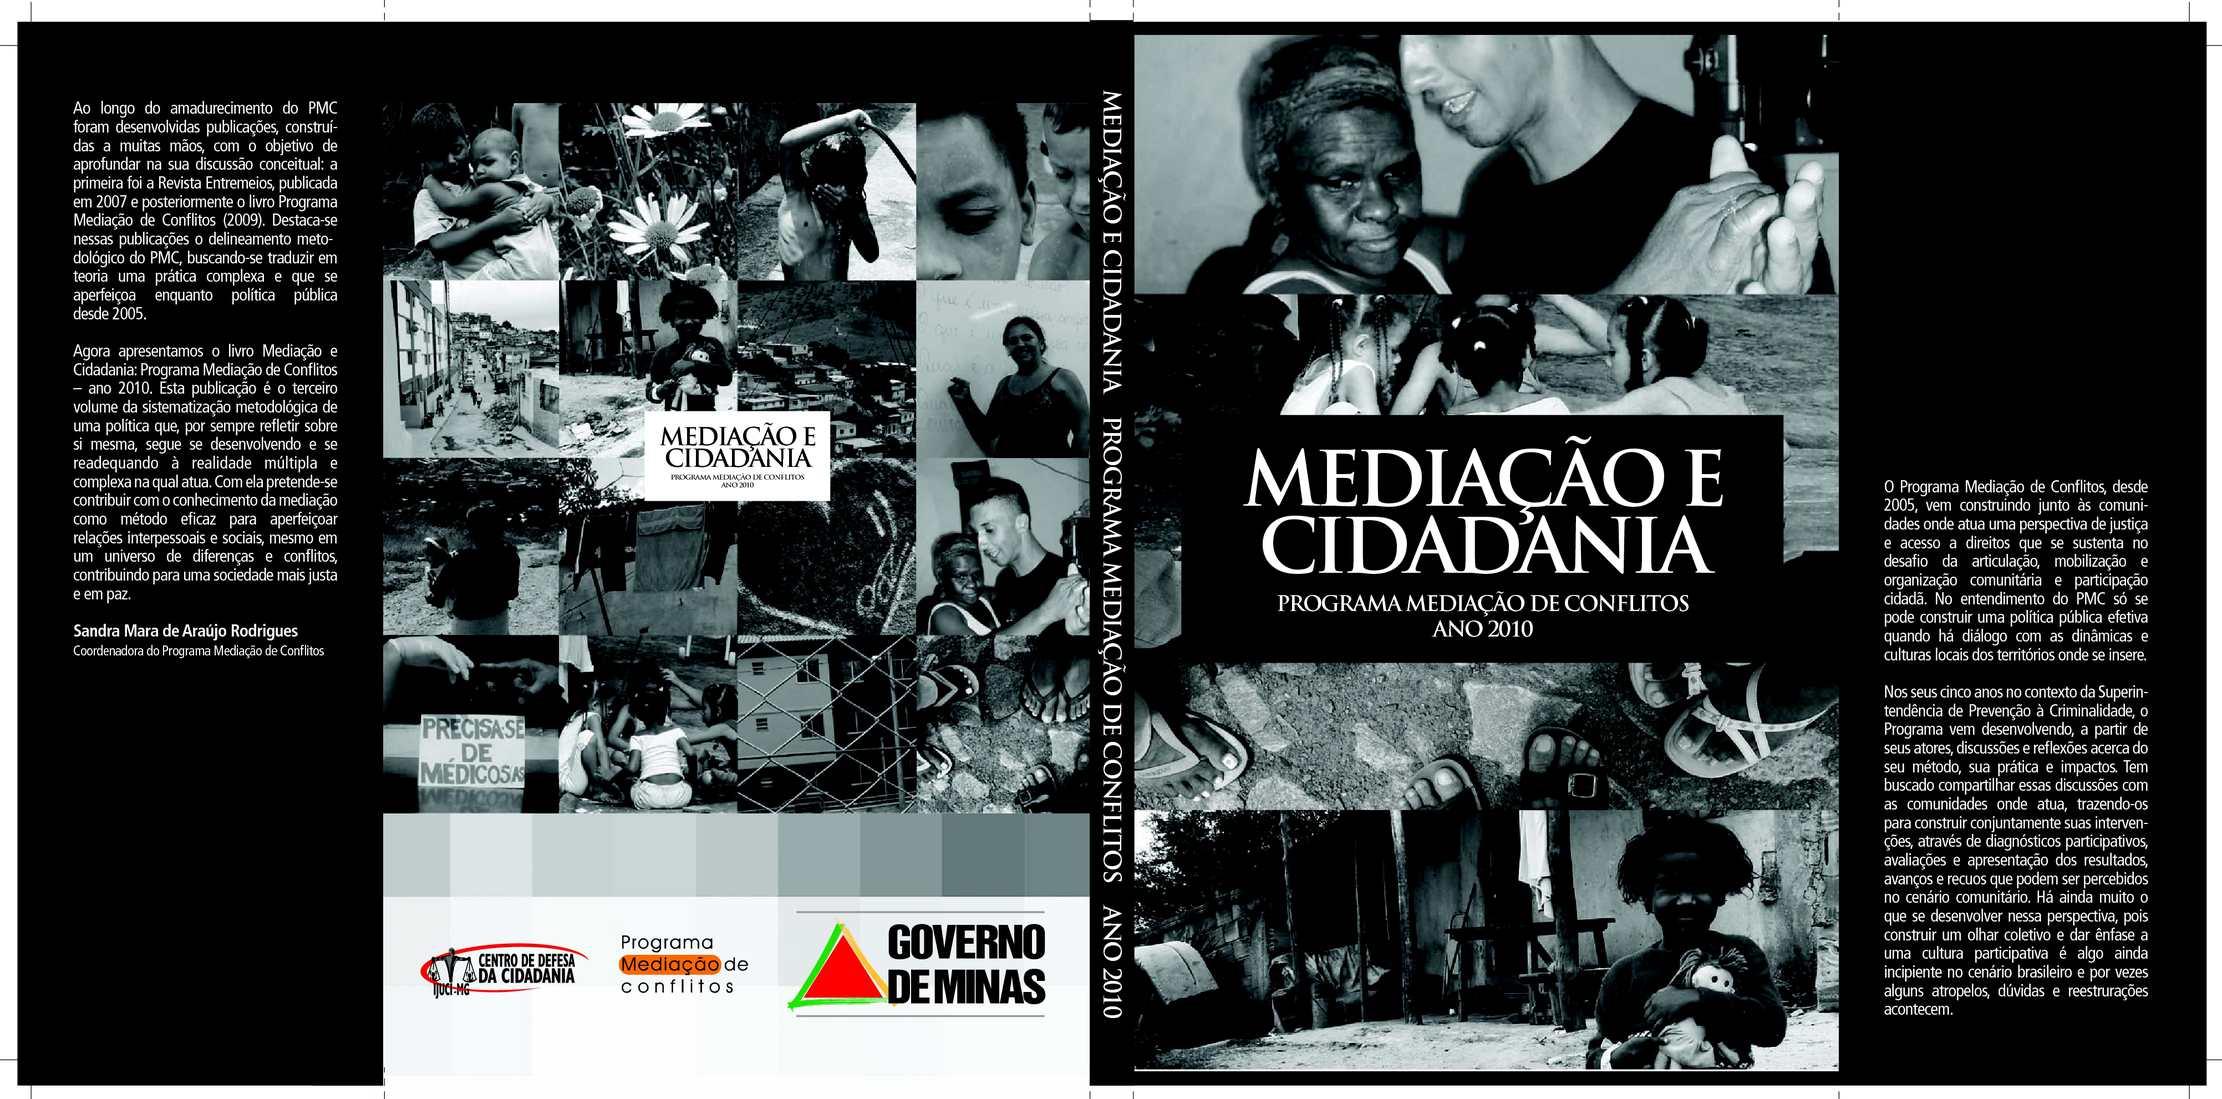 Mediação e Cidadania